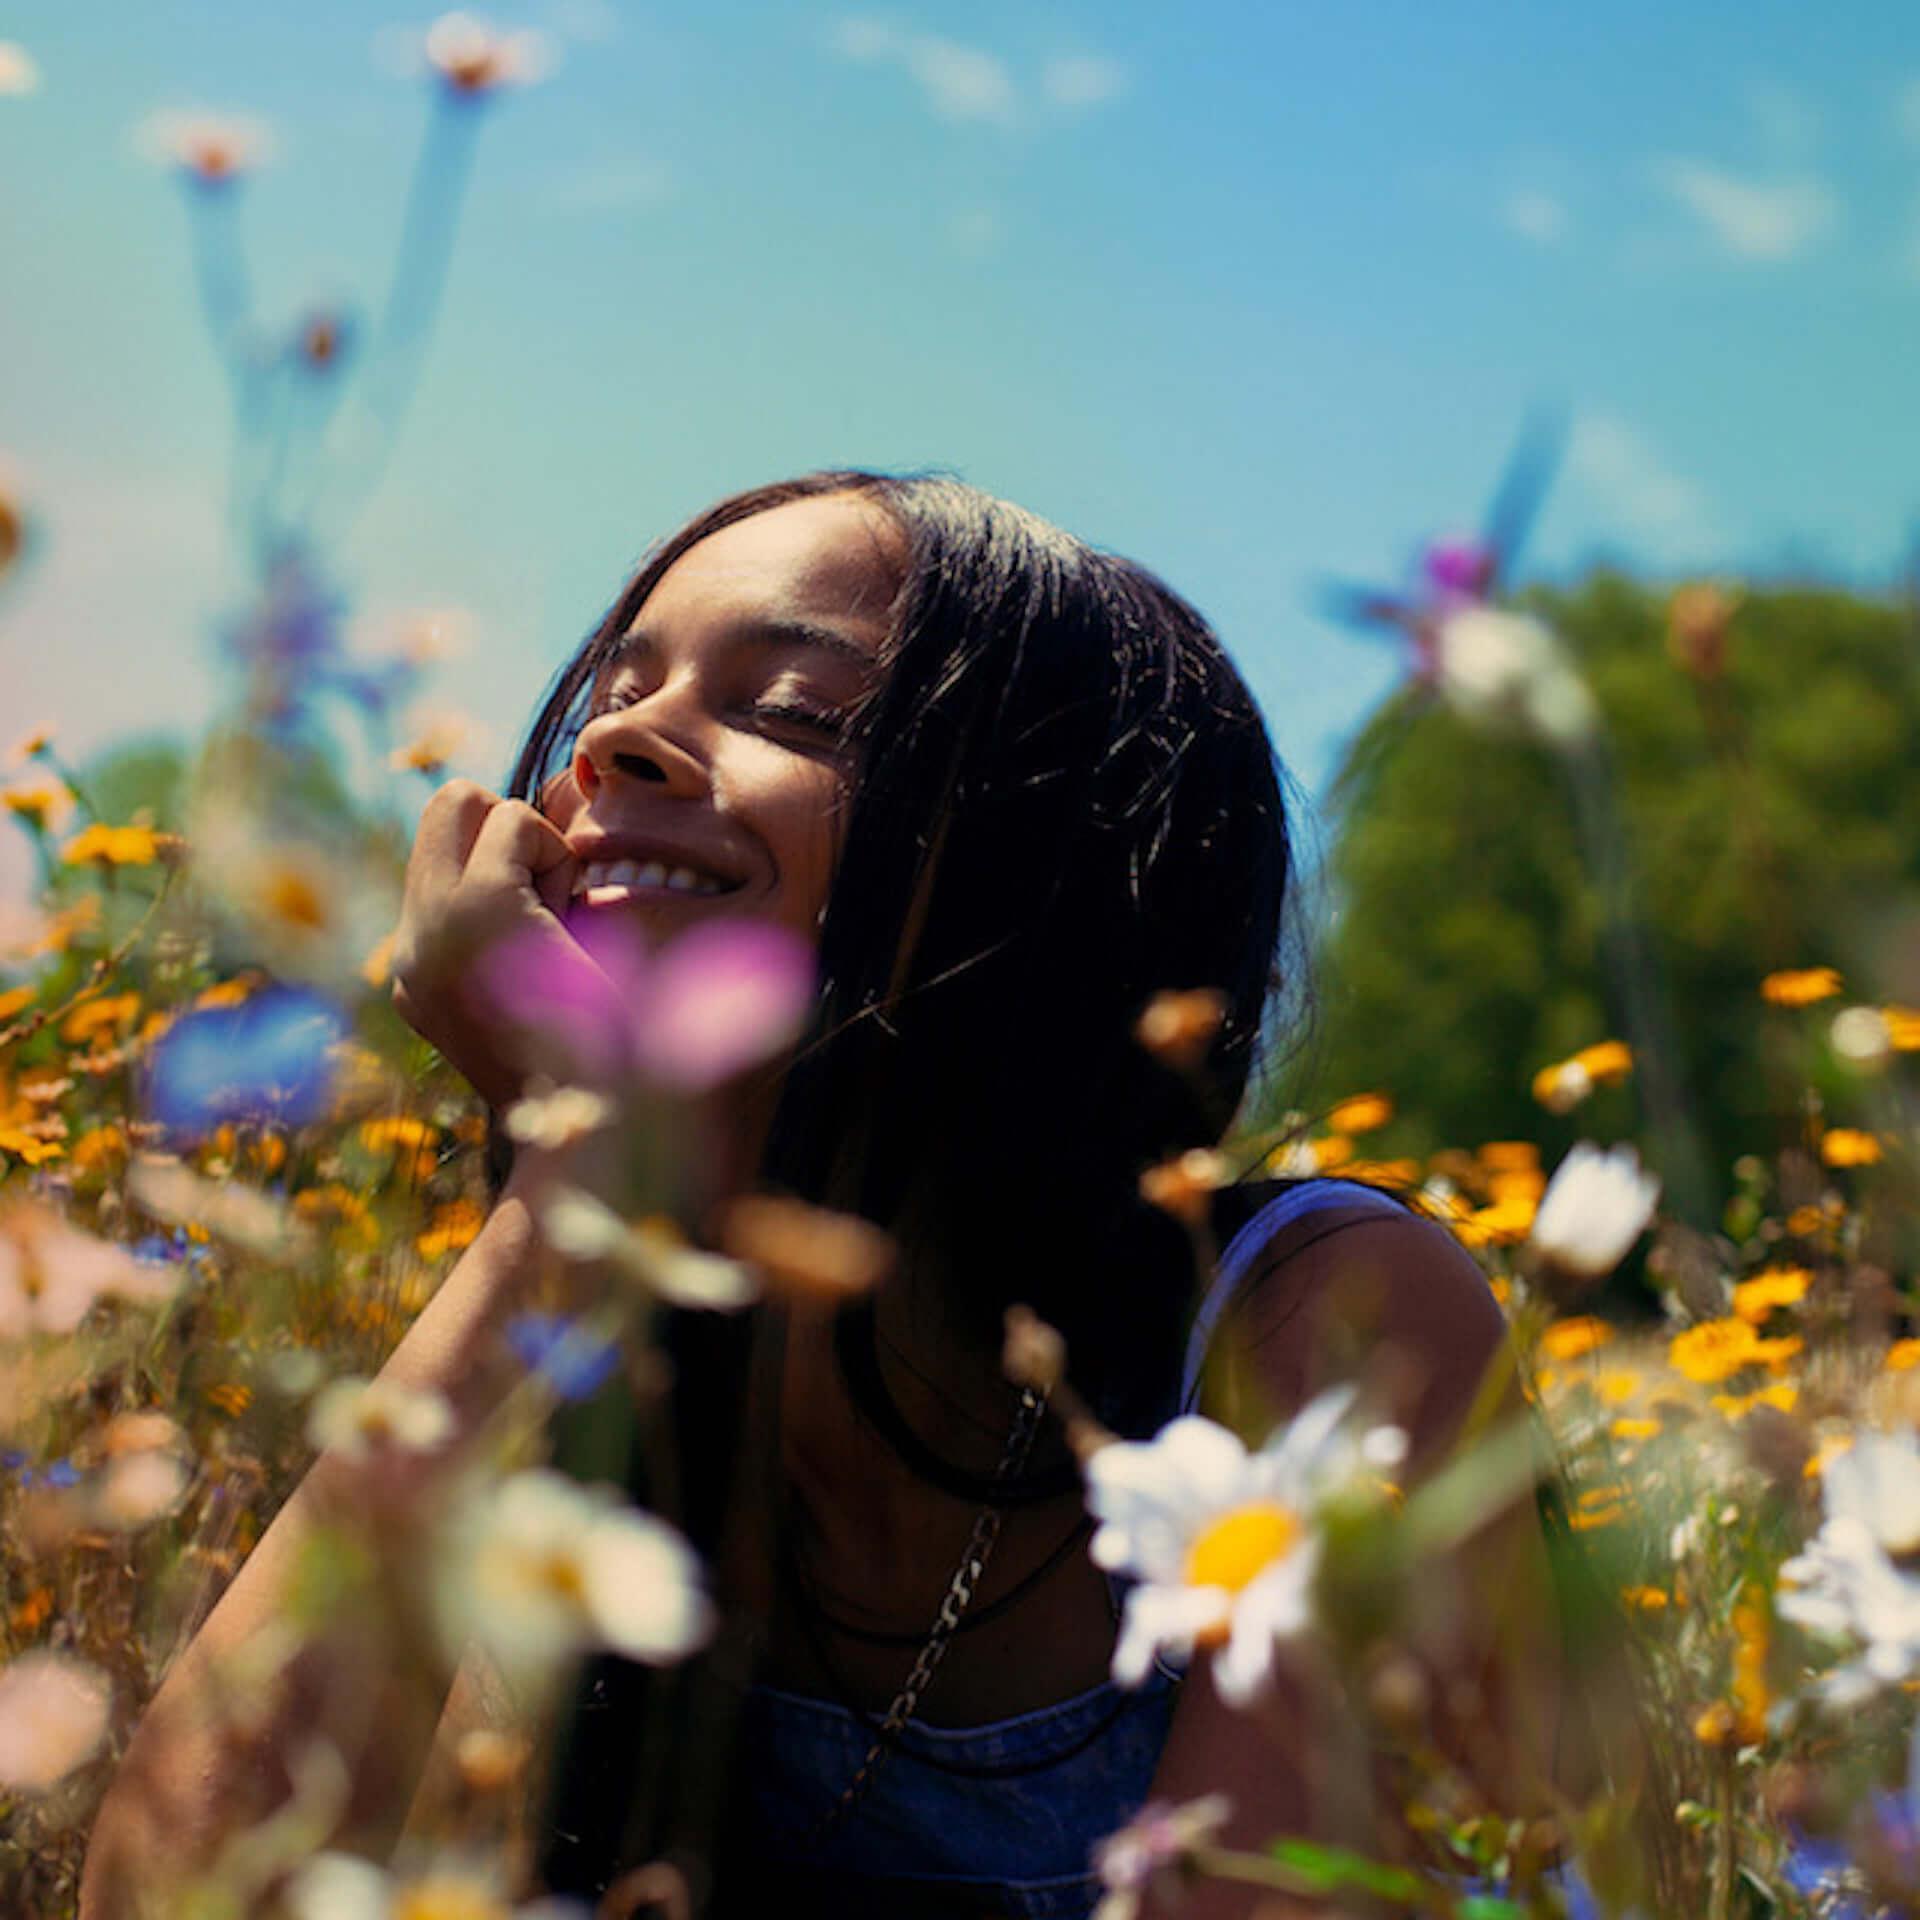 """Bonoboも注目するプロデューサー・TSHAが最新EP『Flowers』を〈Ninja Tune〉からリリース決定!新曲""""Sister""""&本人コメントも公開 music200819_tsha_1-1920x1920"""